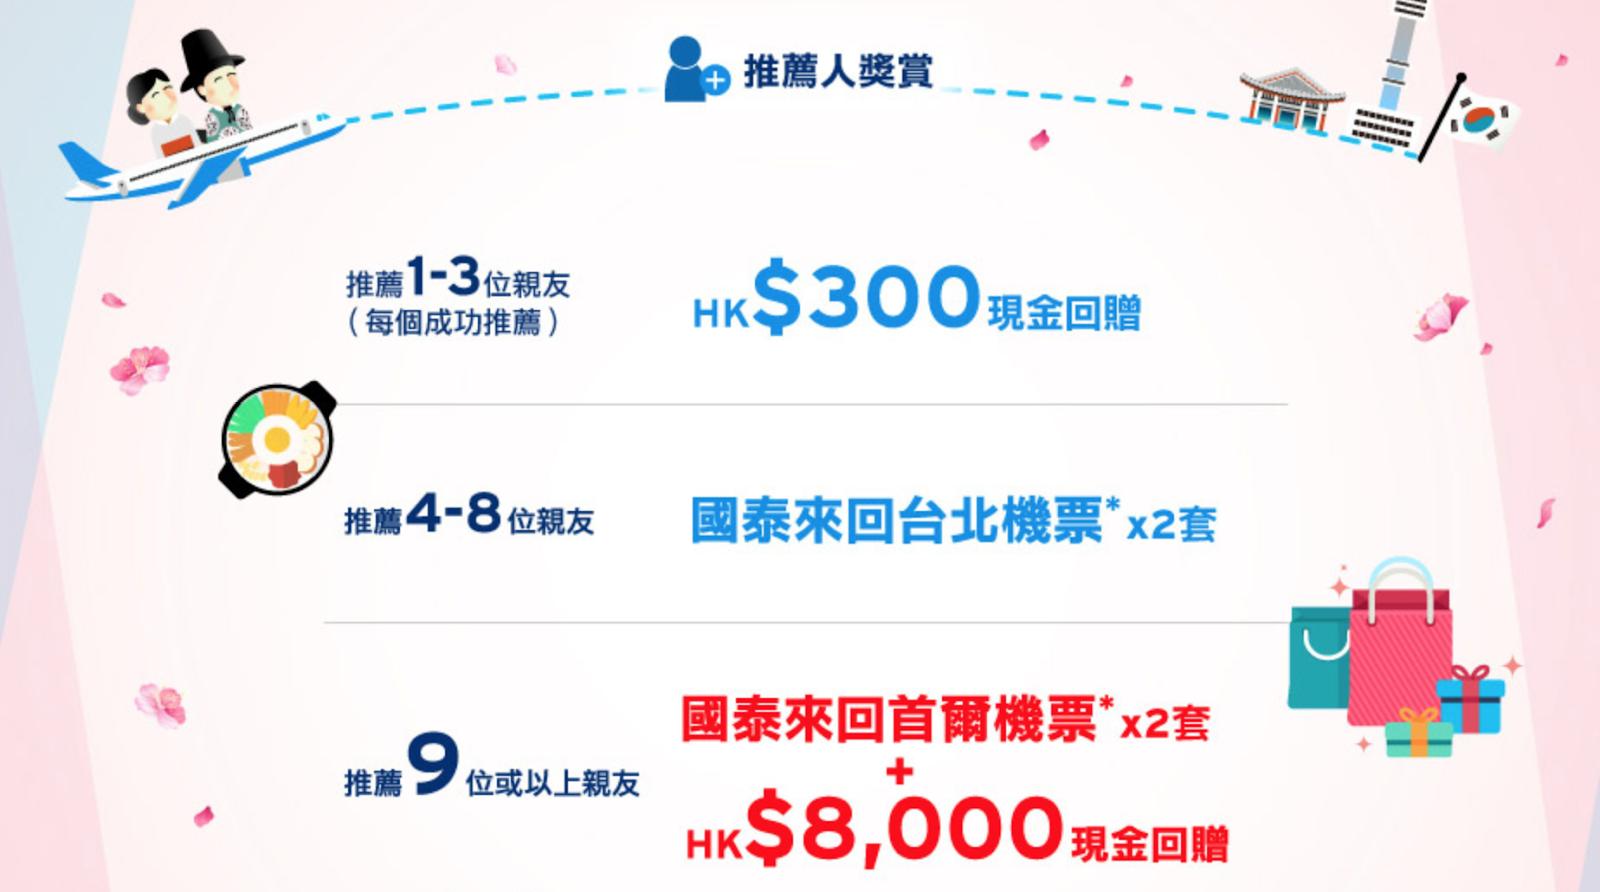 信用卡推介:Citibank PremierMiles Visa Signature Credit Card (迎新簽$9,000送額外9,000里,多家飛行獎勵/酒店集團合作 ...